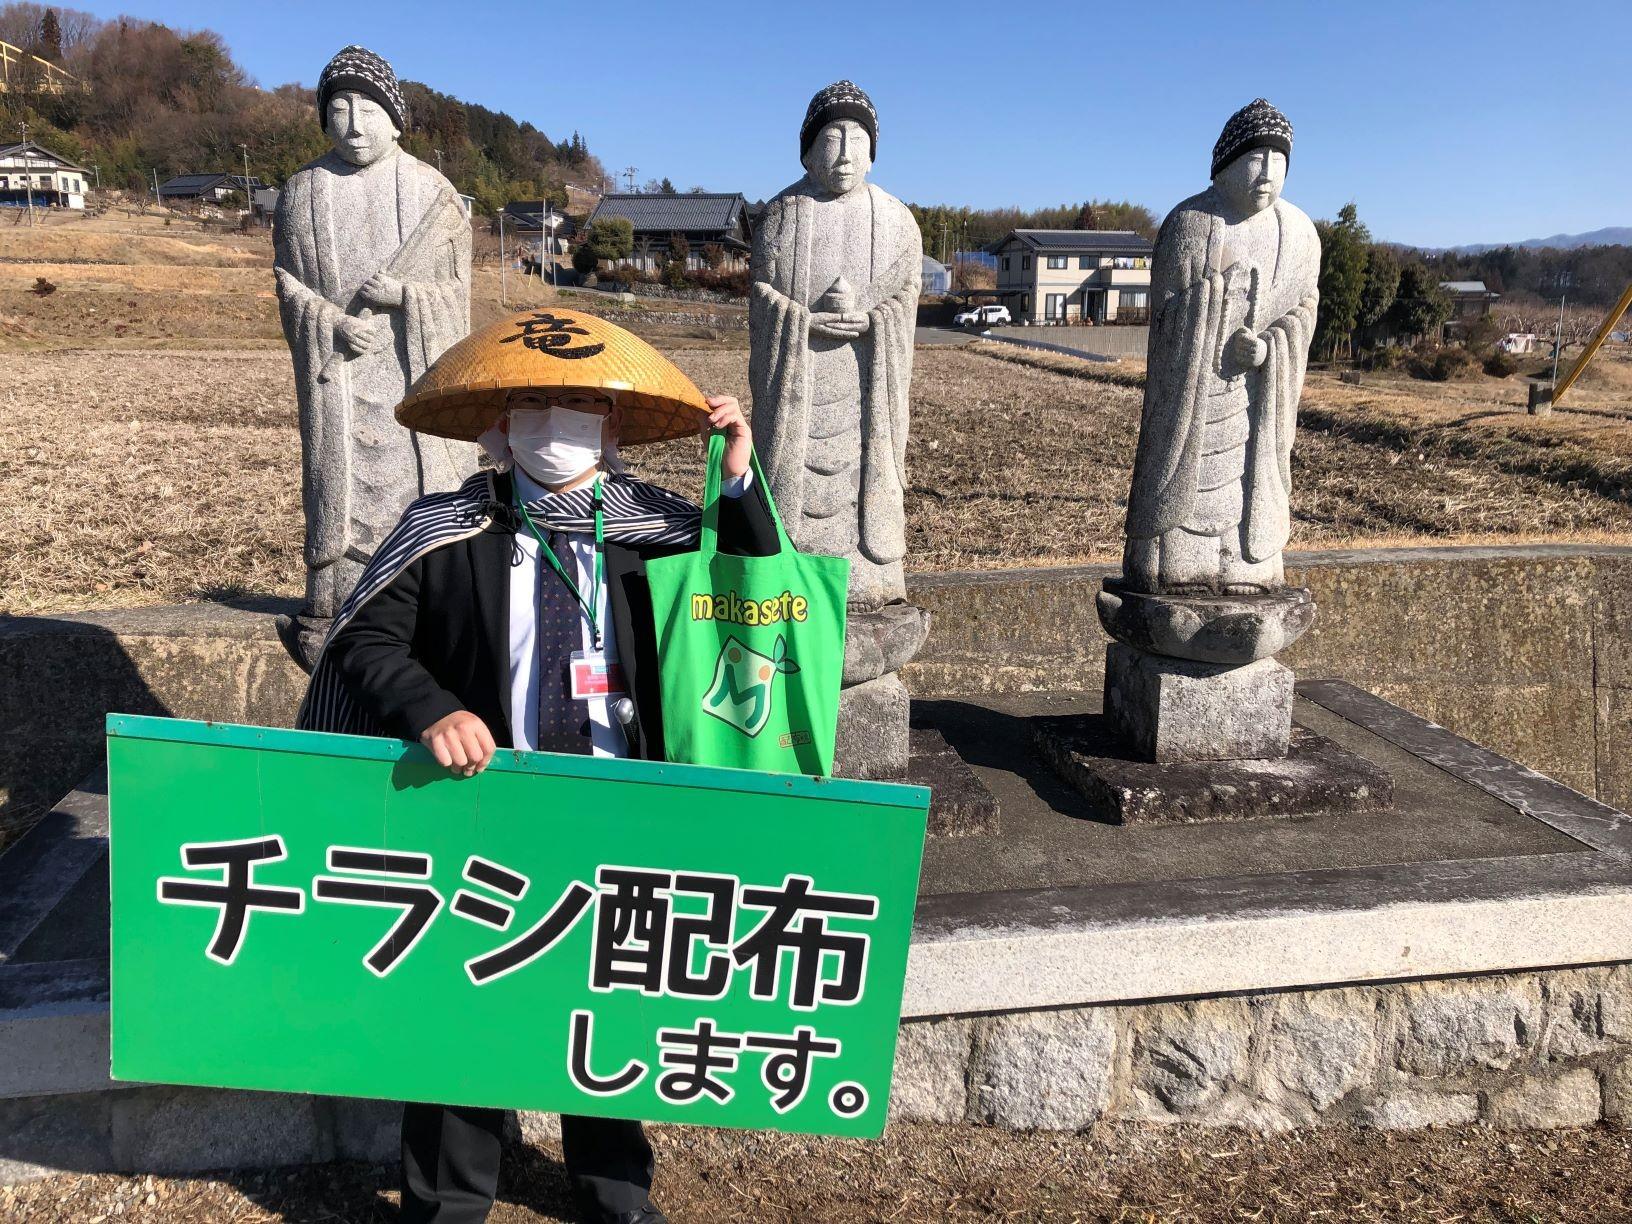 長野県の感染者減少へまかせて飯田も少し貢献させてもらいました。(龍一の営業日誌~清水の次郎長がいく)